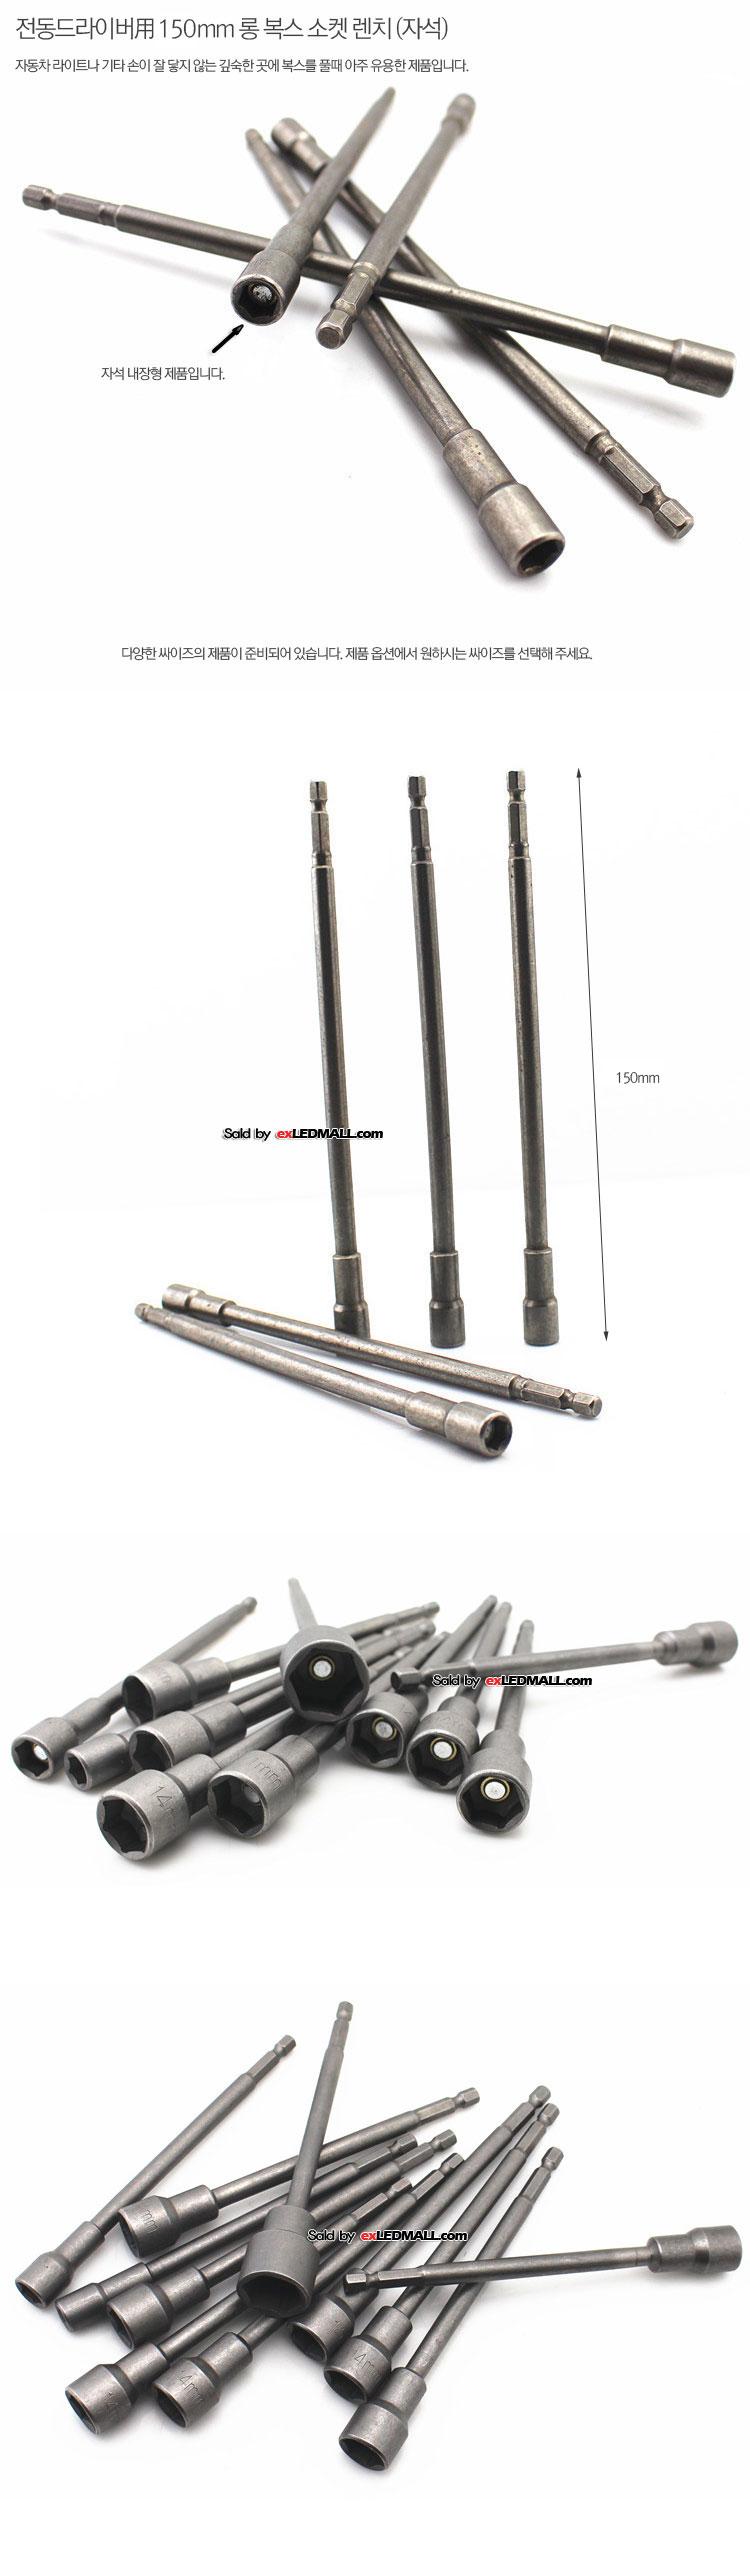 전동드라이버용 150mm 롱 복스 소켓 렌치 (자석)